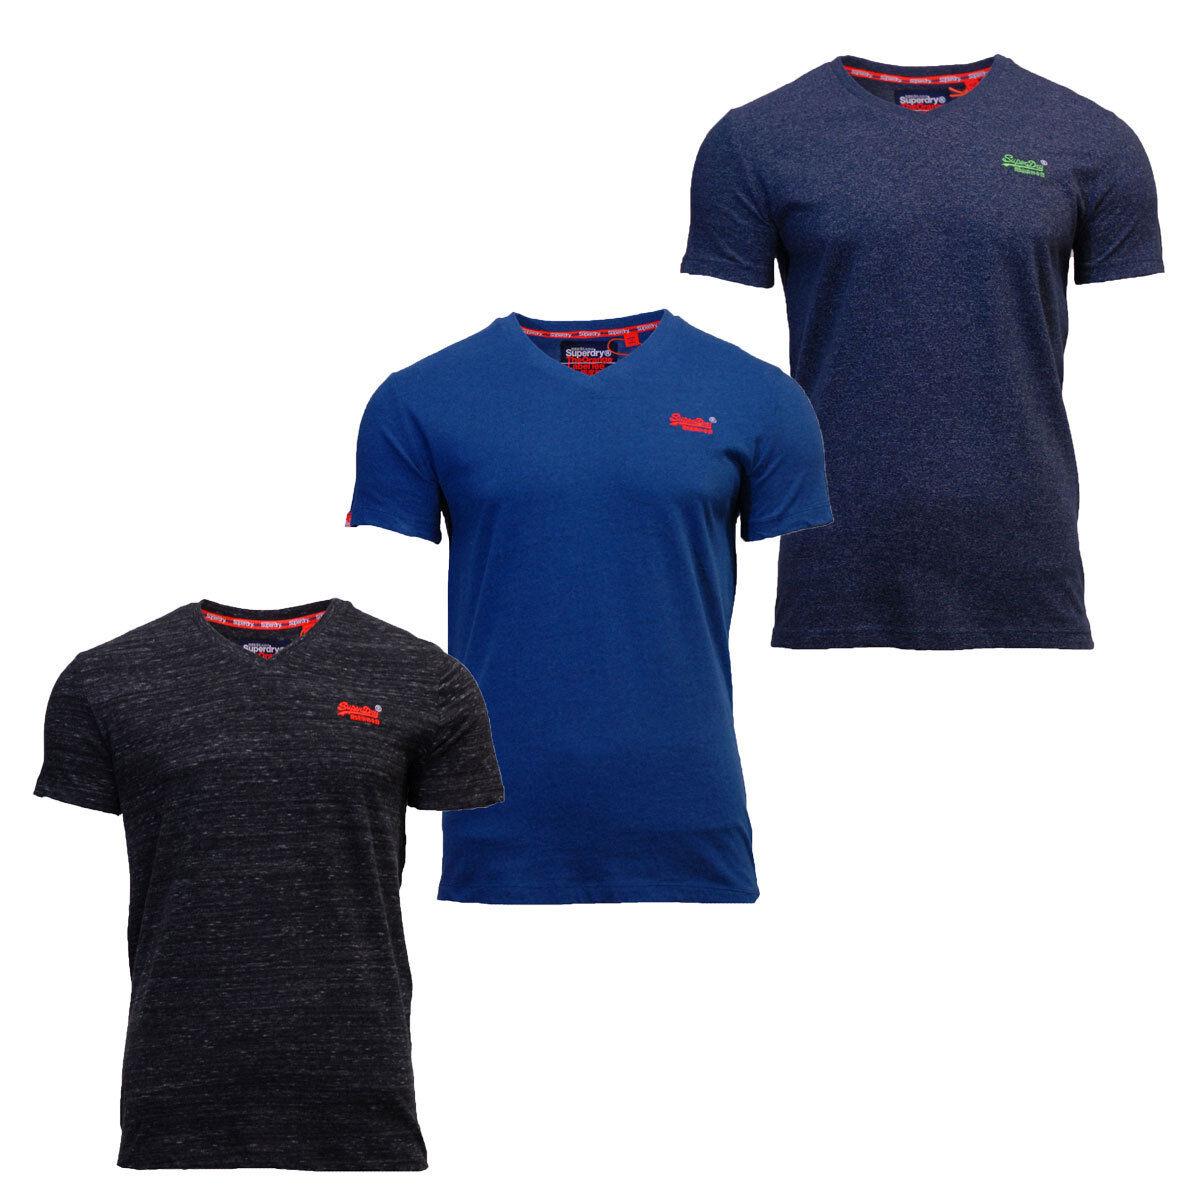 Superdry Mens New Orange Label V Neck Short Sleeve T Shirt Blue Black